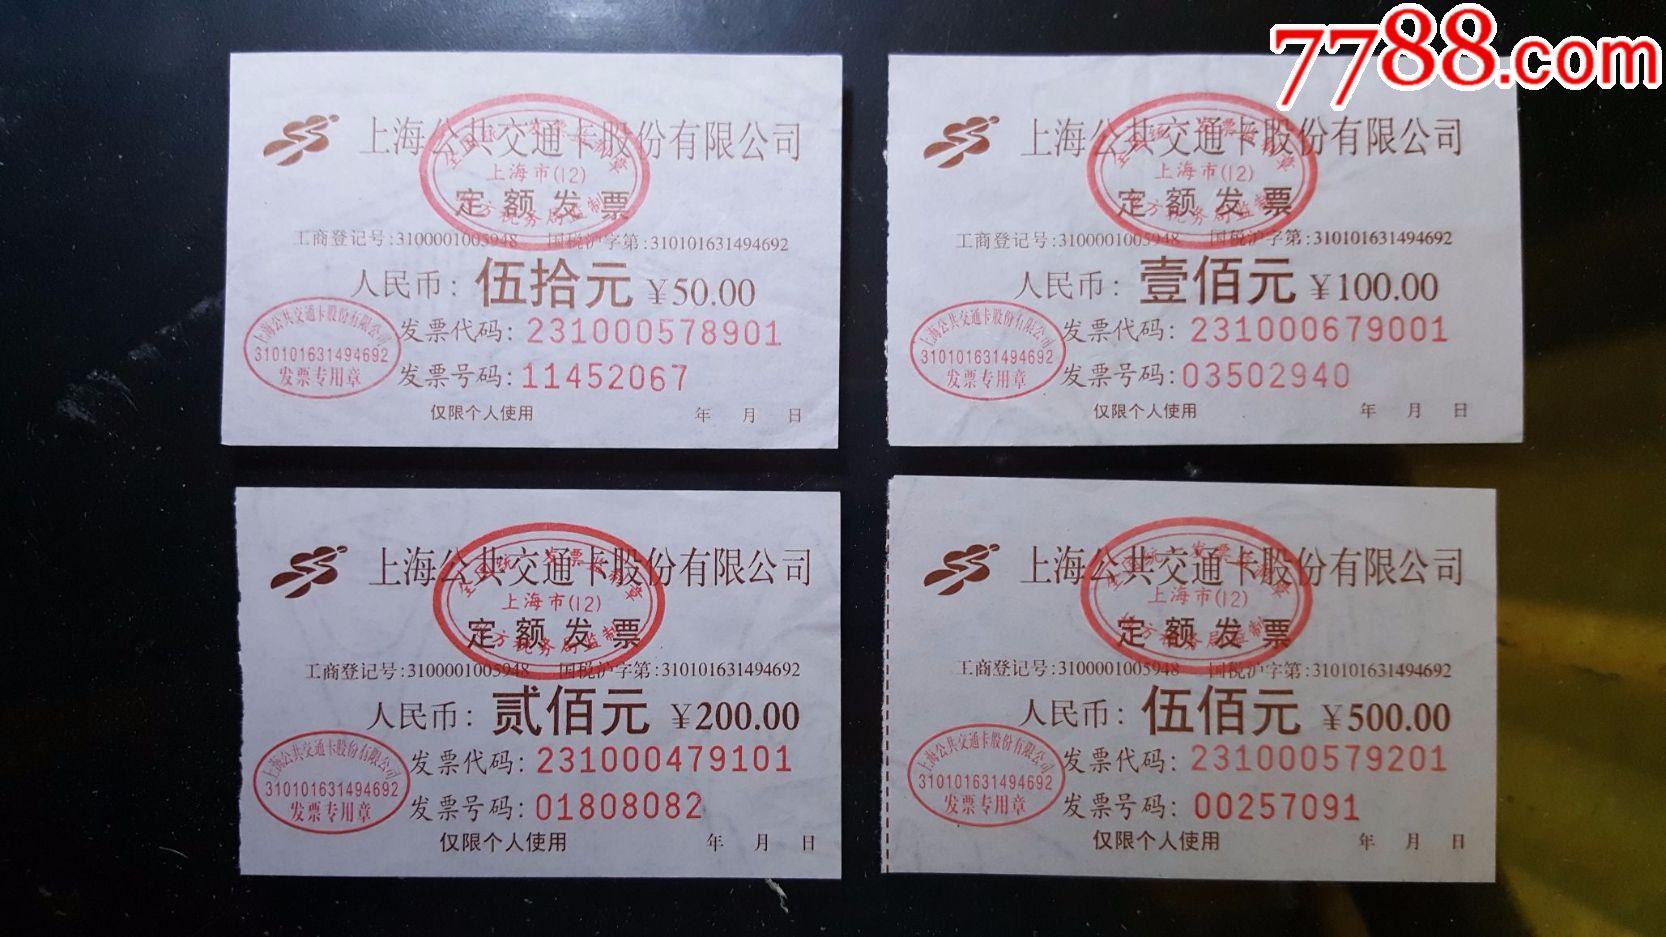 公交汽车票--上海公交卡定额发票